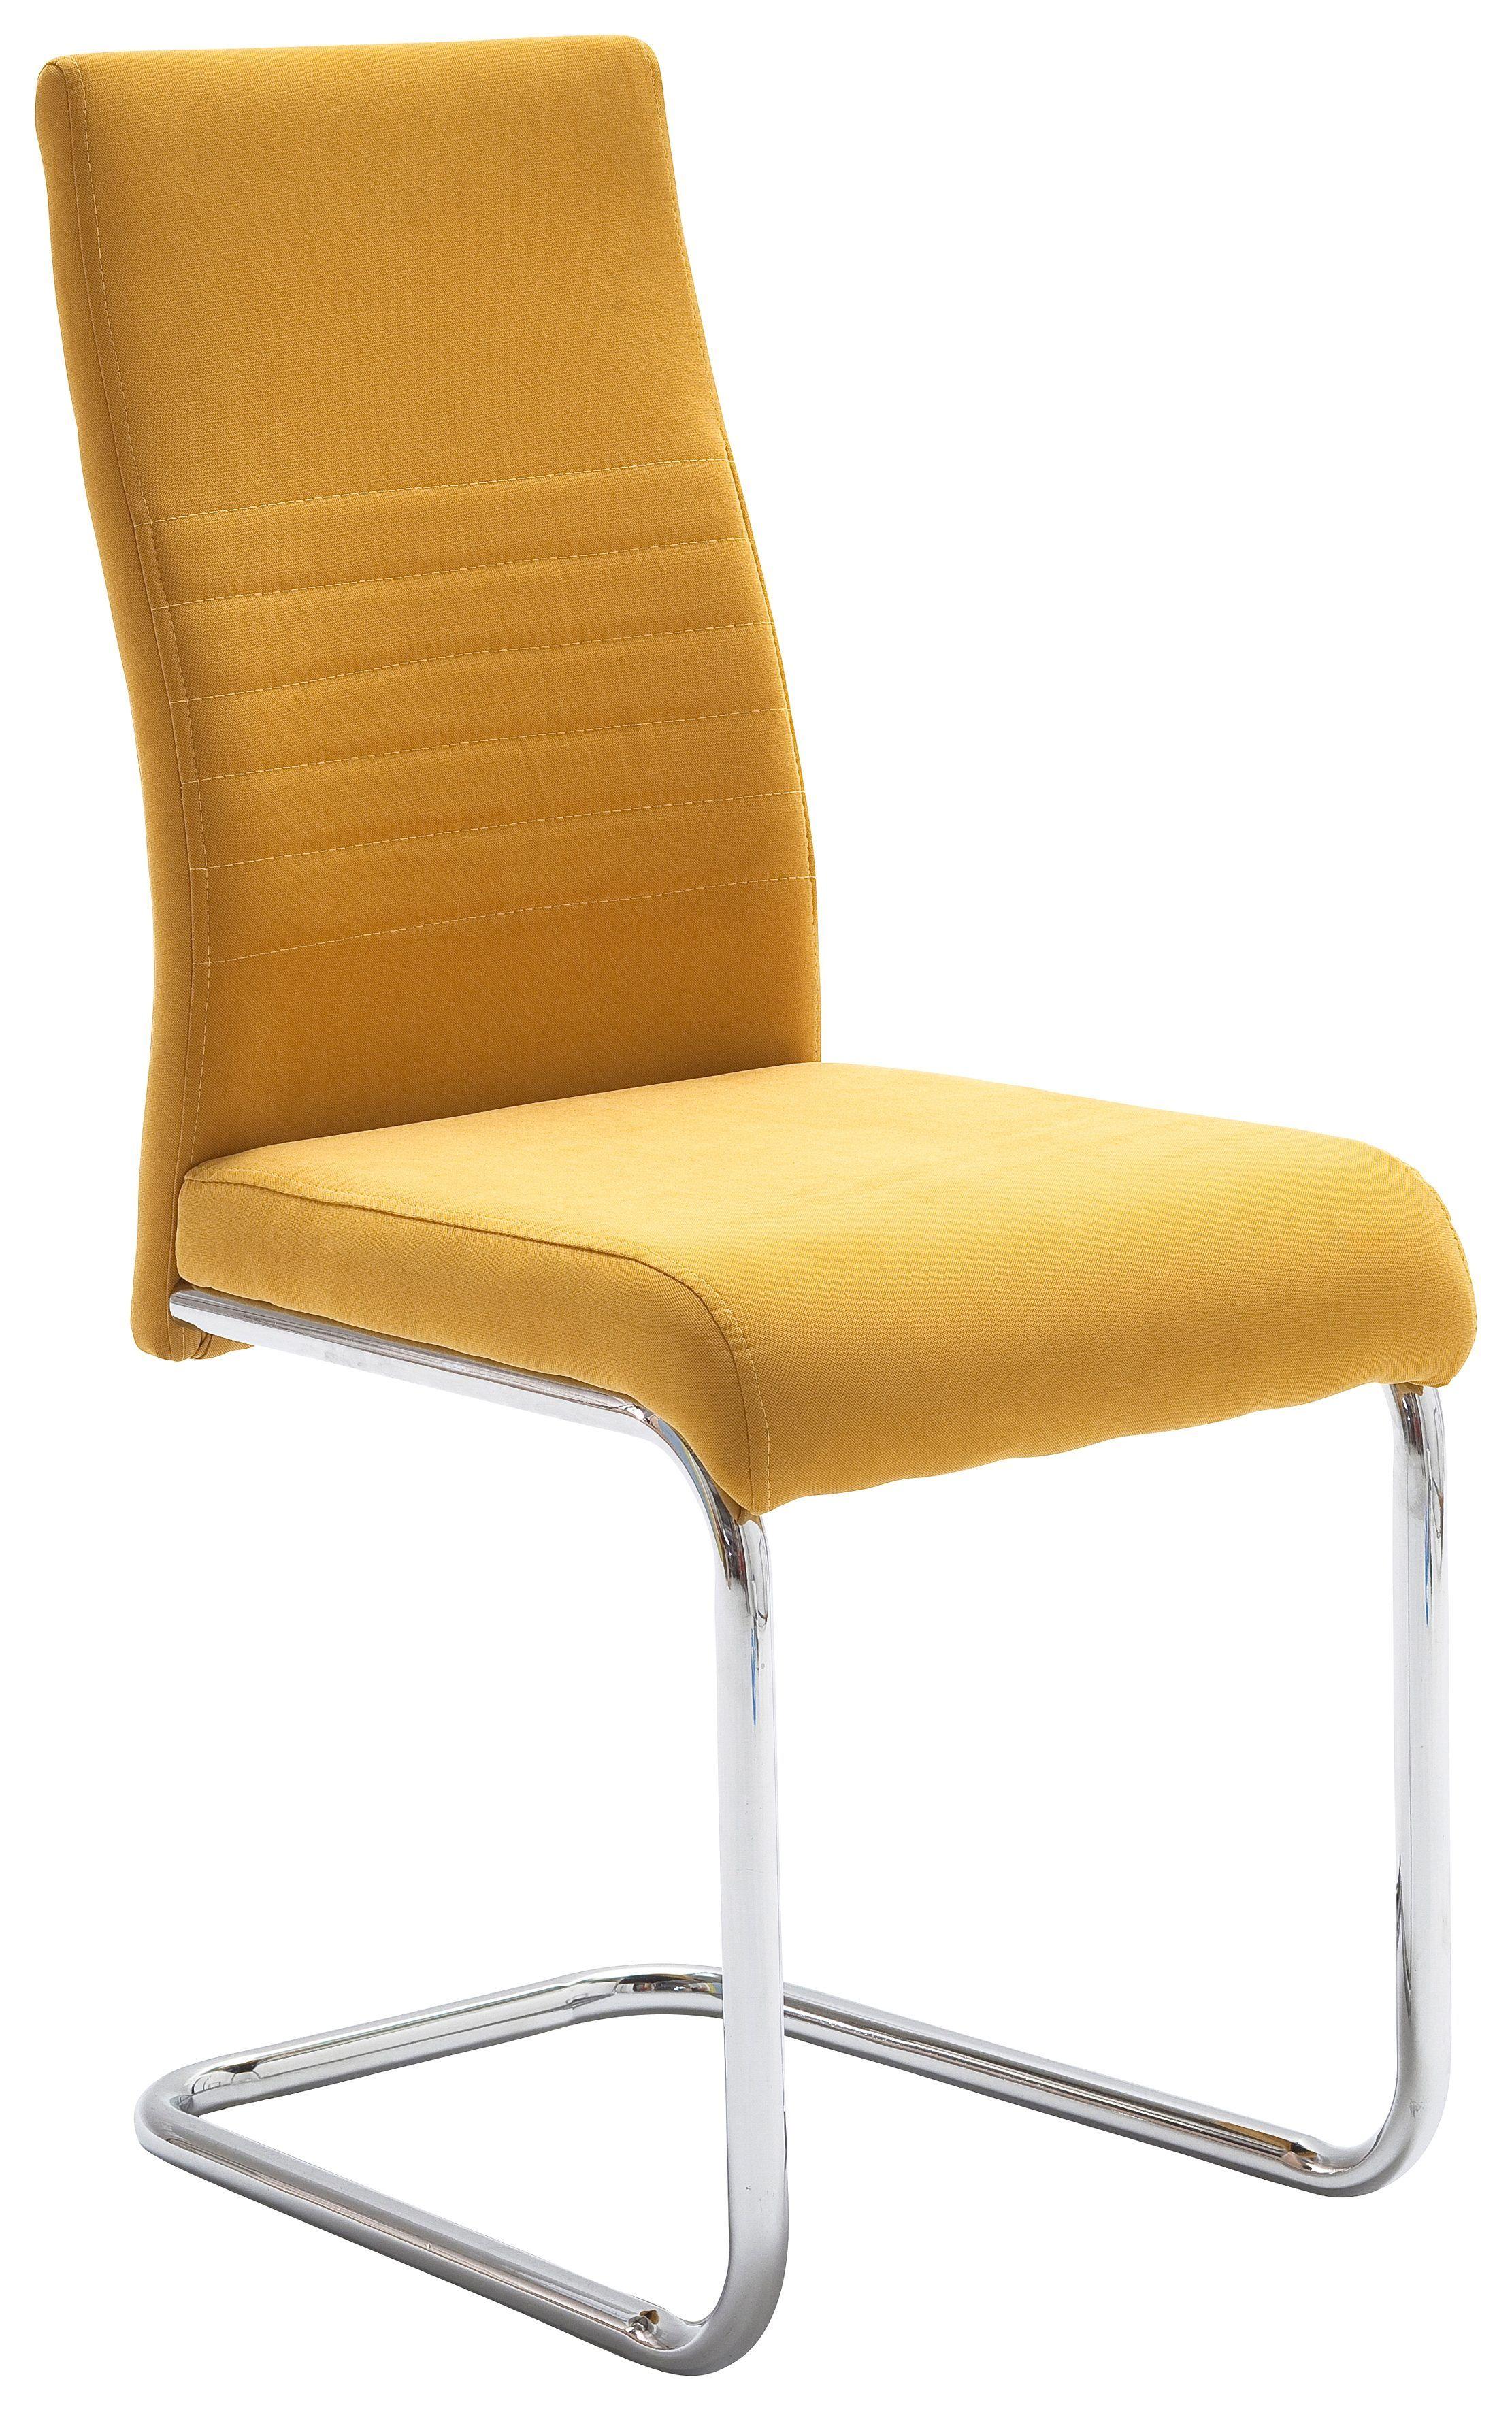 Qualität esszimmer sets stuhl gelb yourhome jetzt bestellen unter moebel